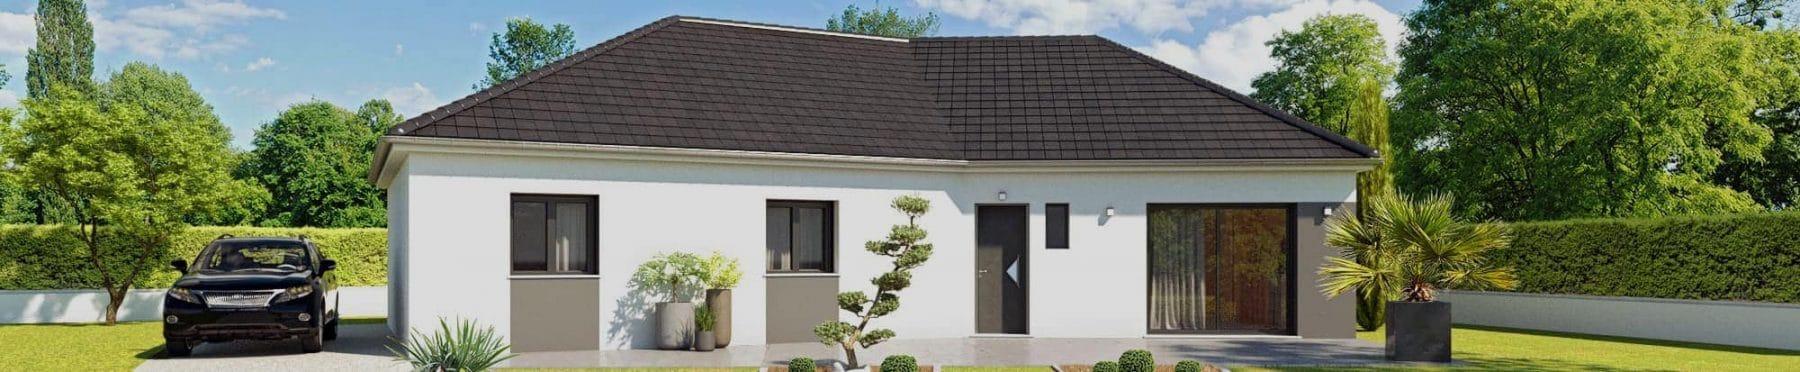 Maisons Babeau Seguin - Constructeur de maisons individuelles